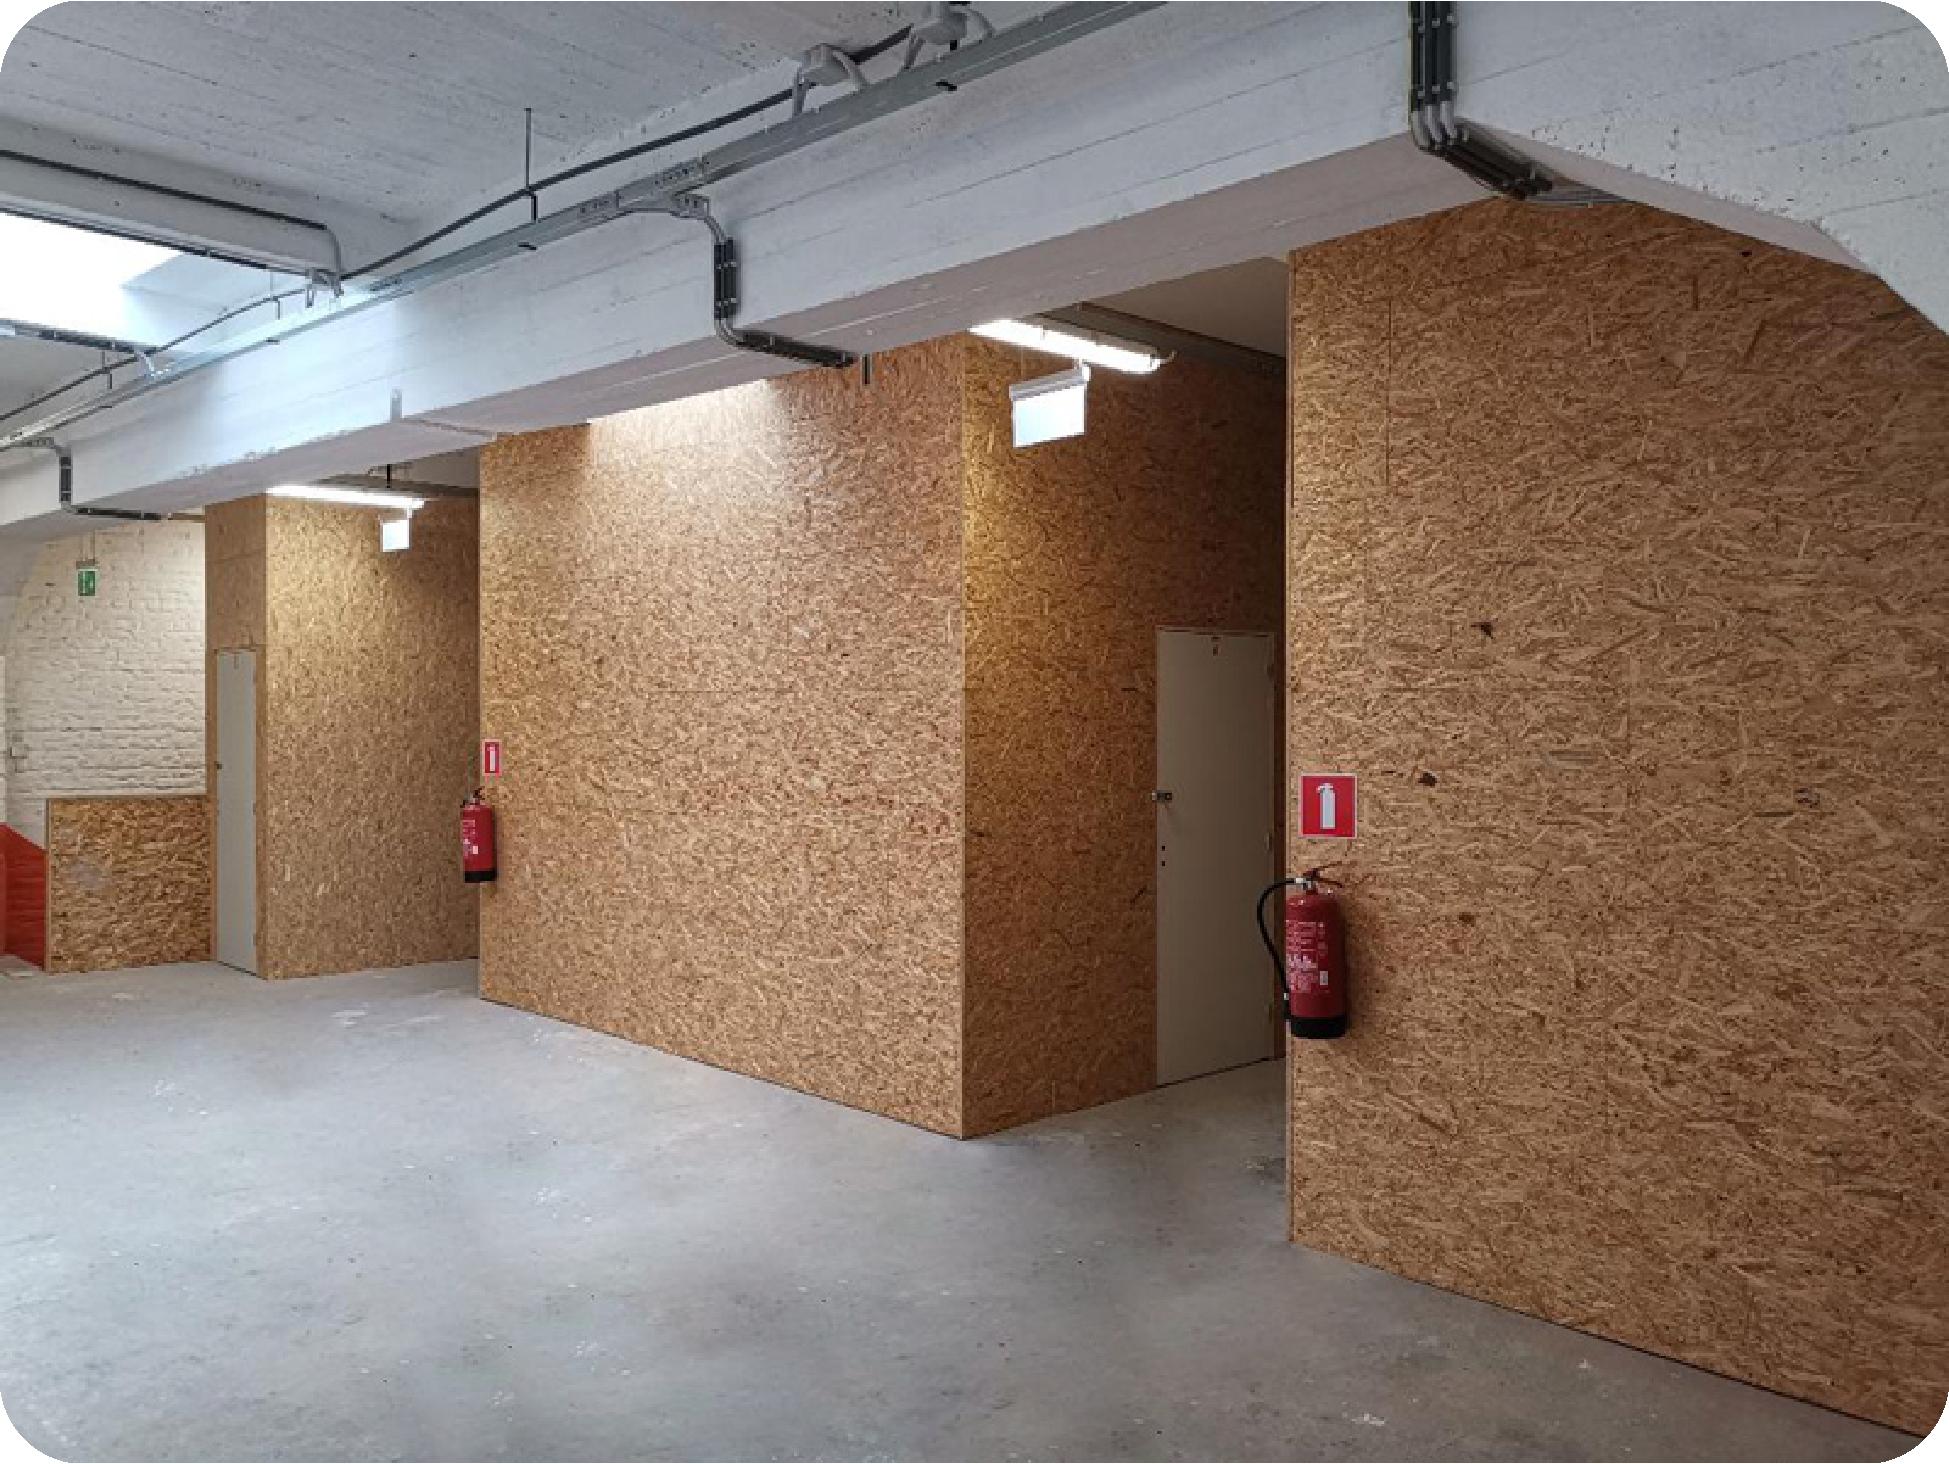 Locaux de Parkn'Box espace de stockage en plein centre ville de Bruxelles